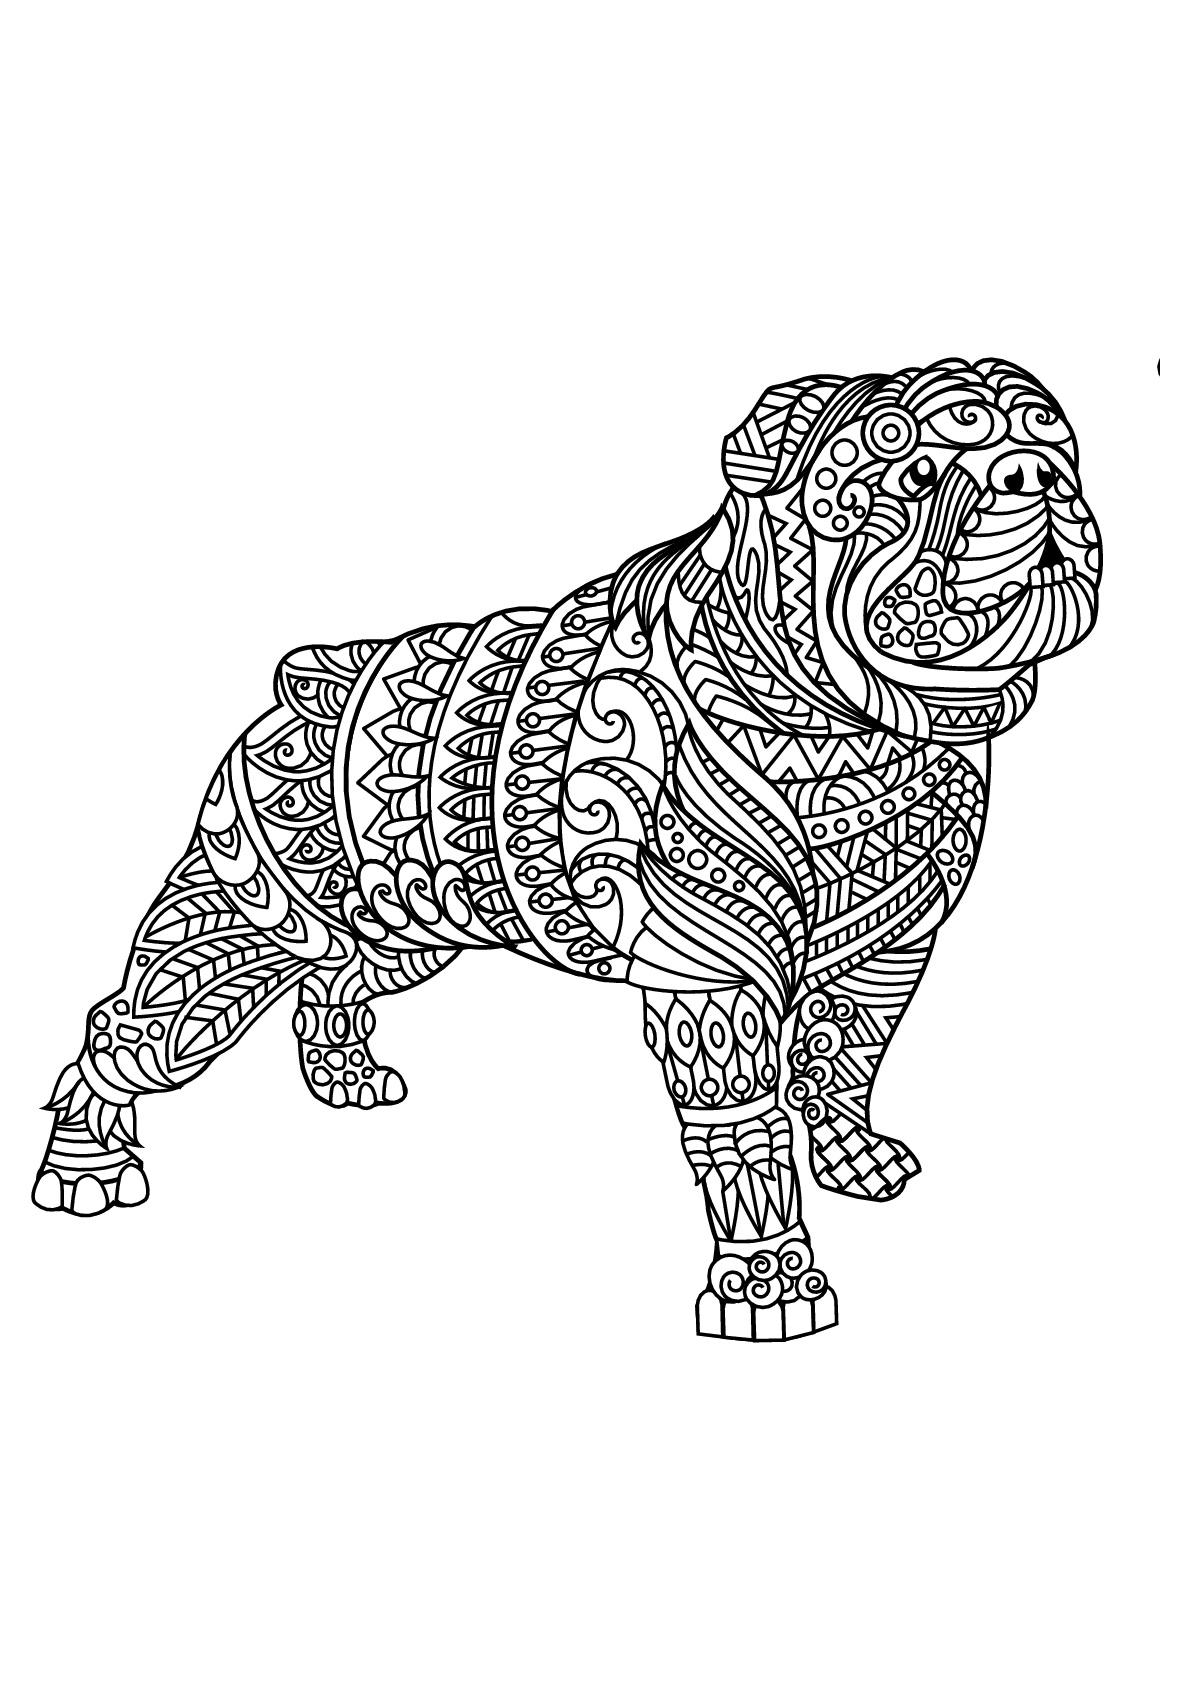 Colorear para adultos  : Perros - 3